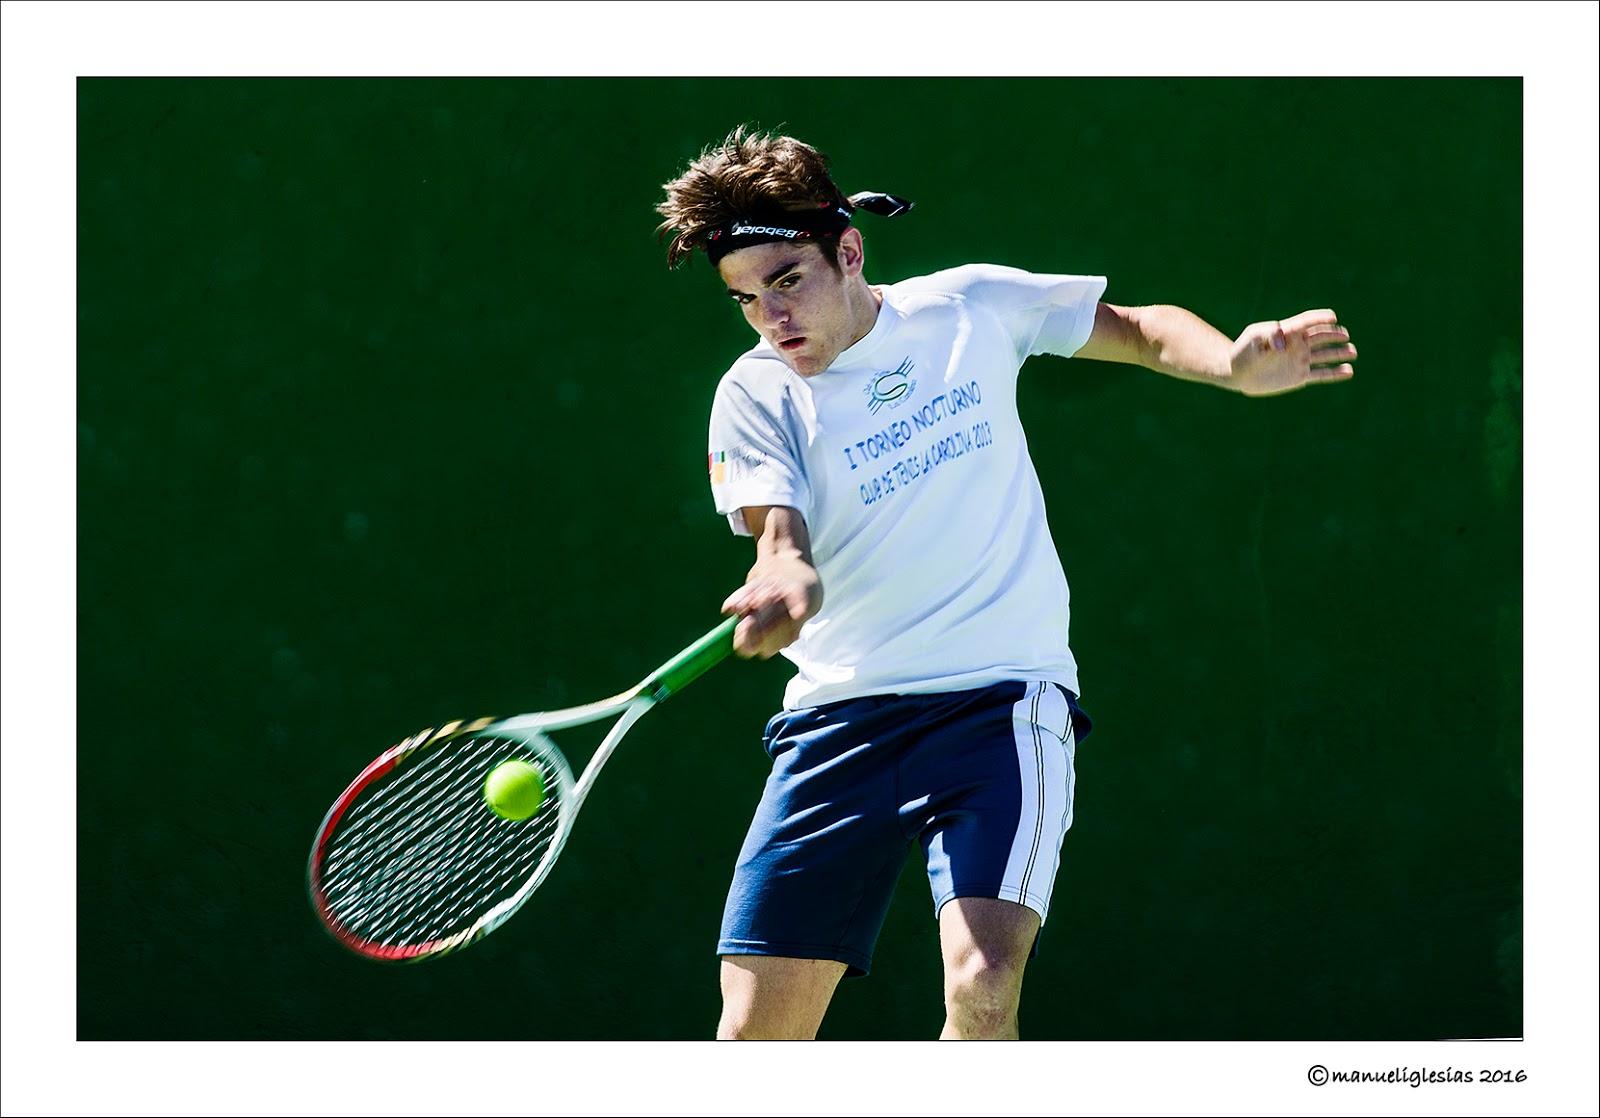 Circuito Tenis : Photoluzes tenis circuito del olivar